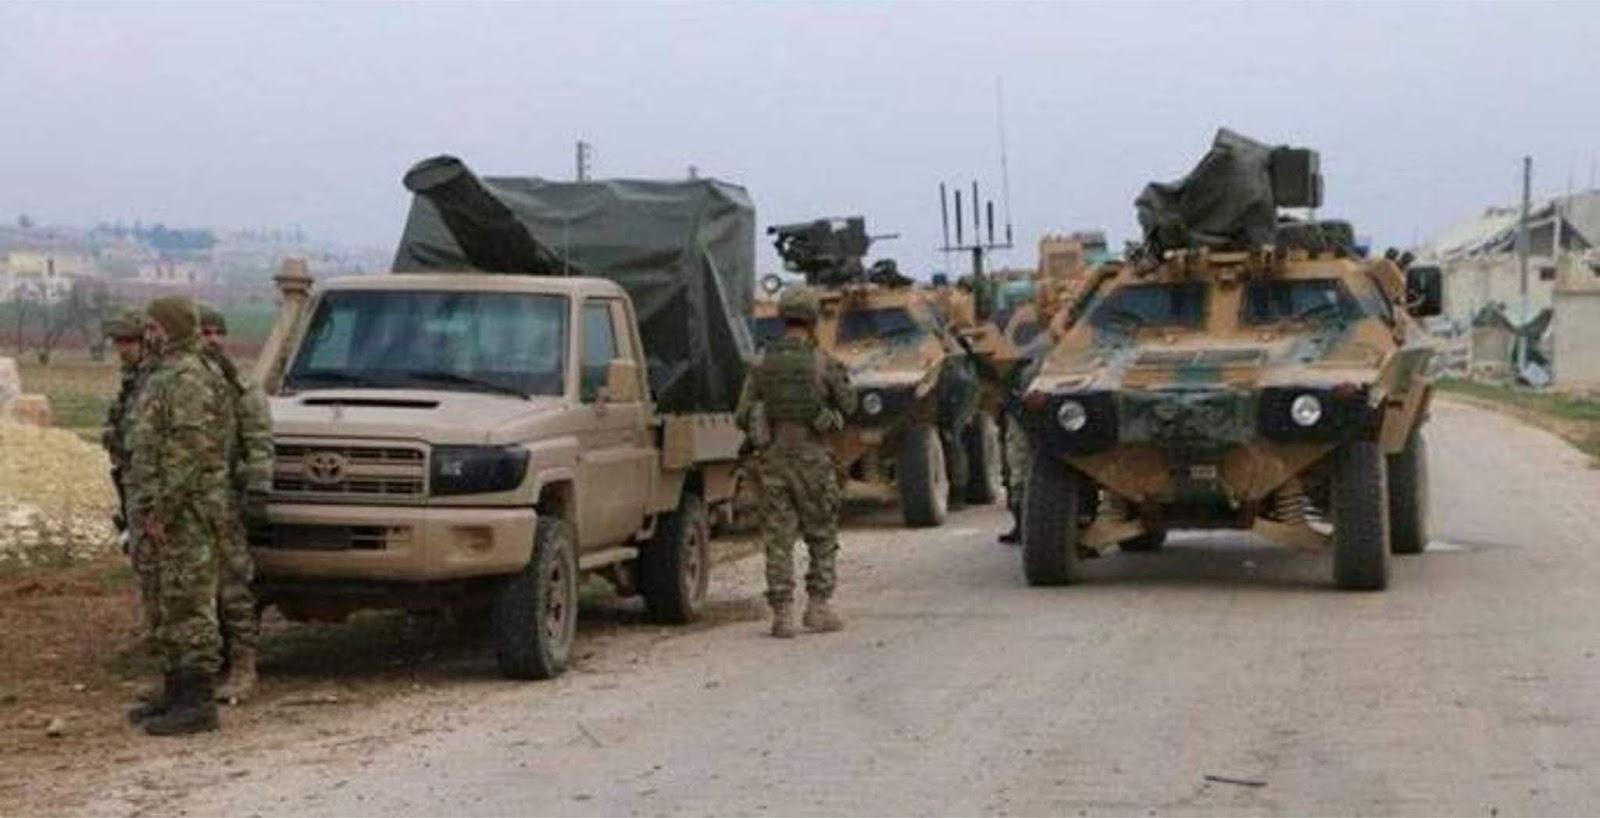 Turki telah mengirimkan 50 tank ke perbatasan dengan Suriah